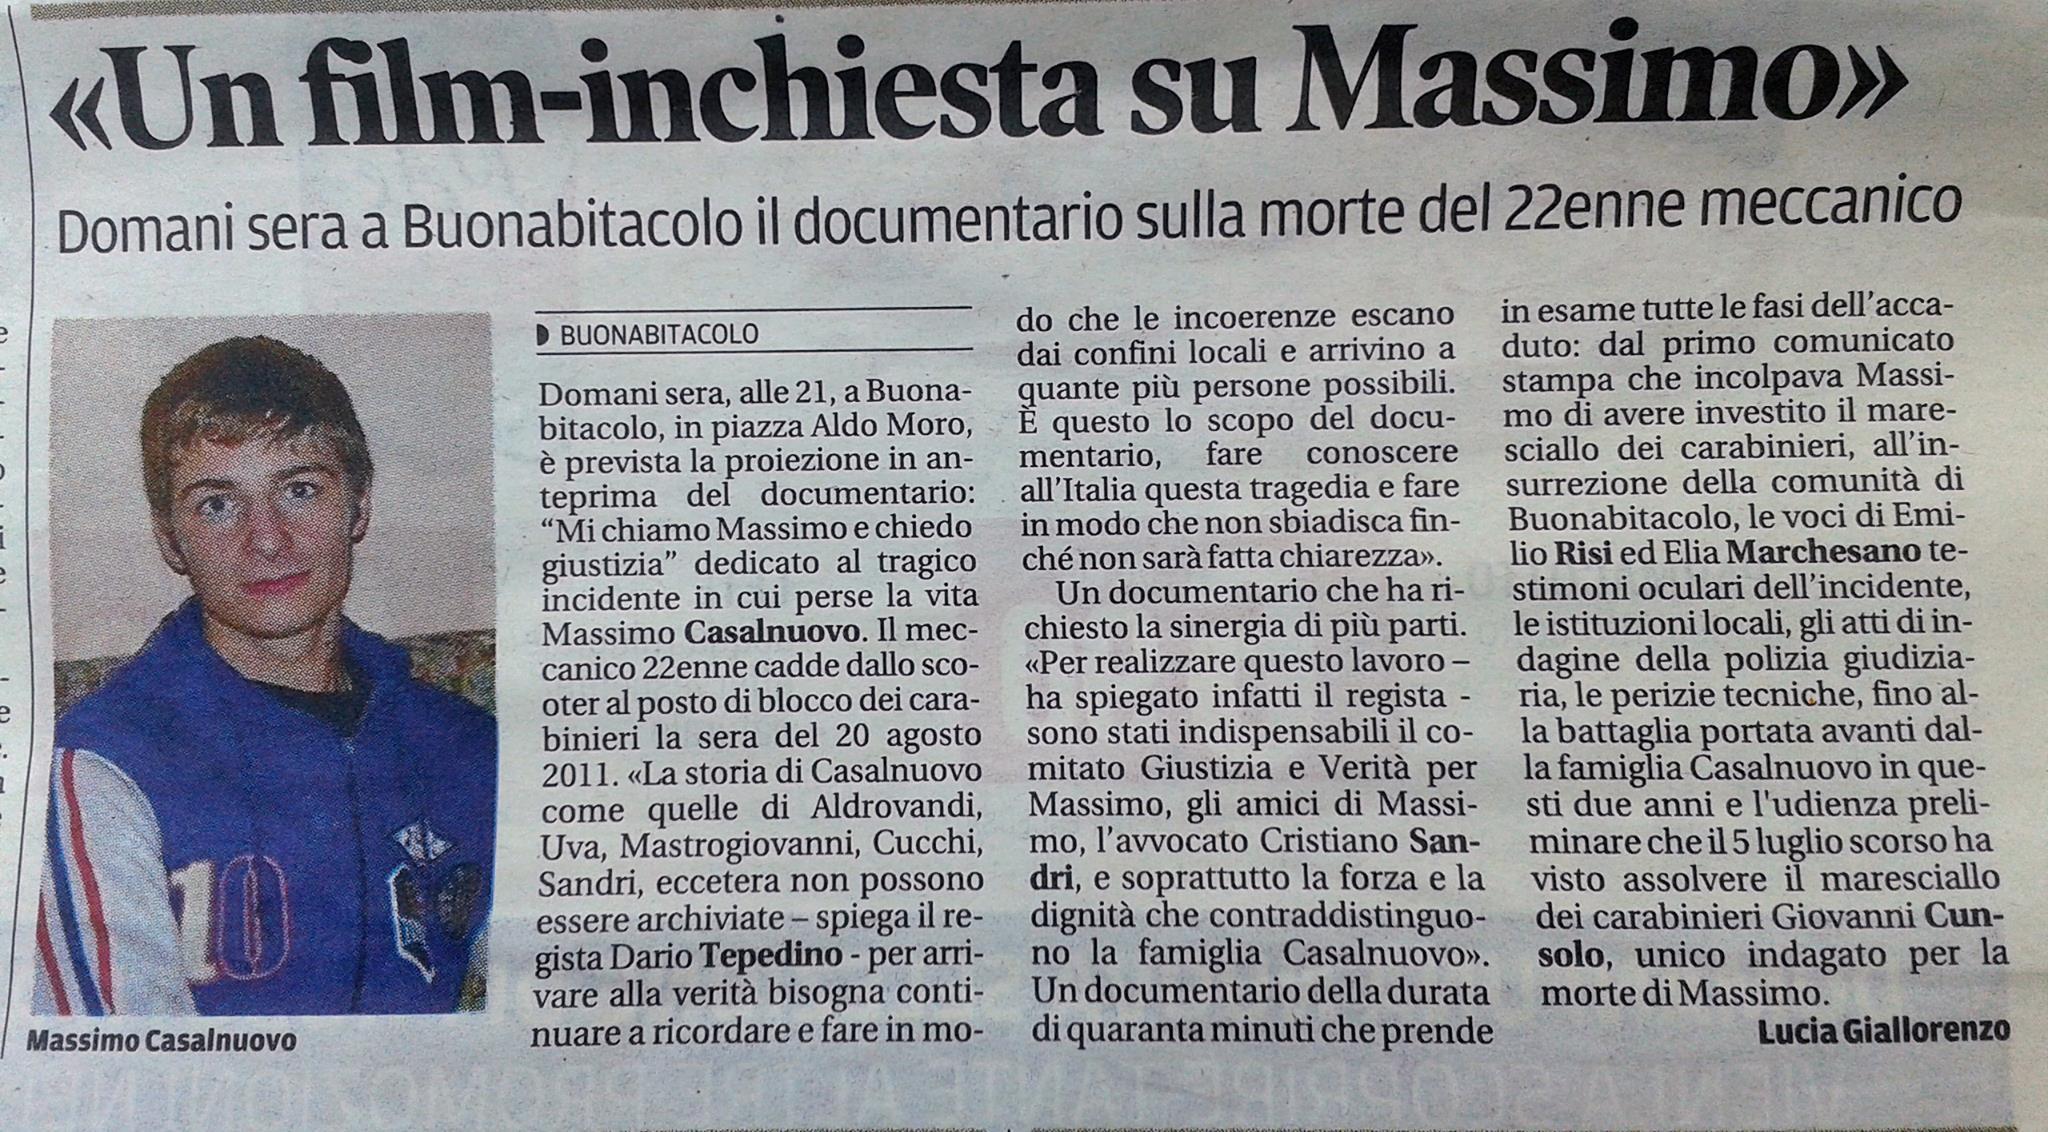 UN FILM-INCHIESTA SU MASSIMO